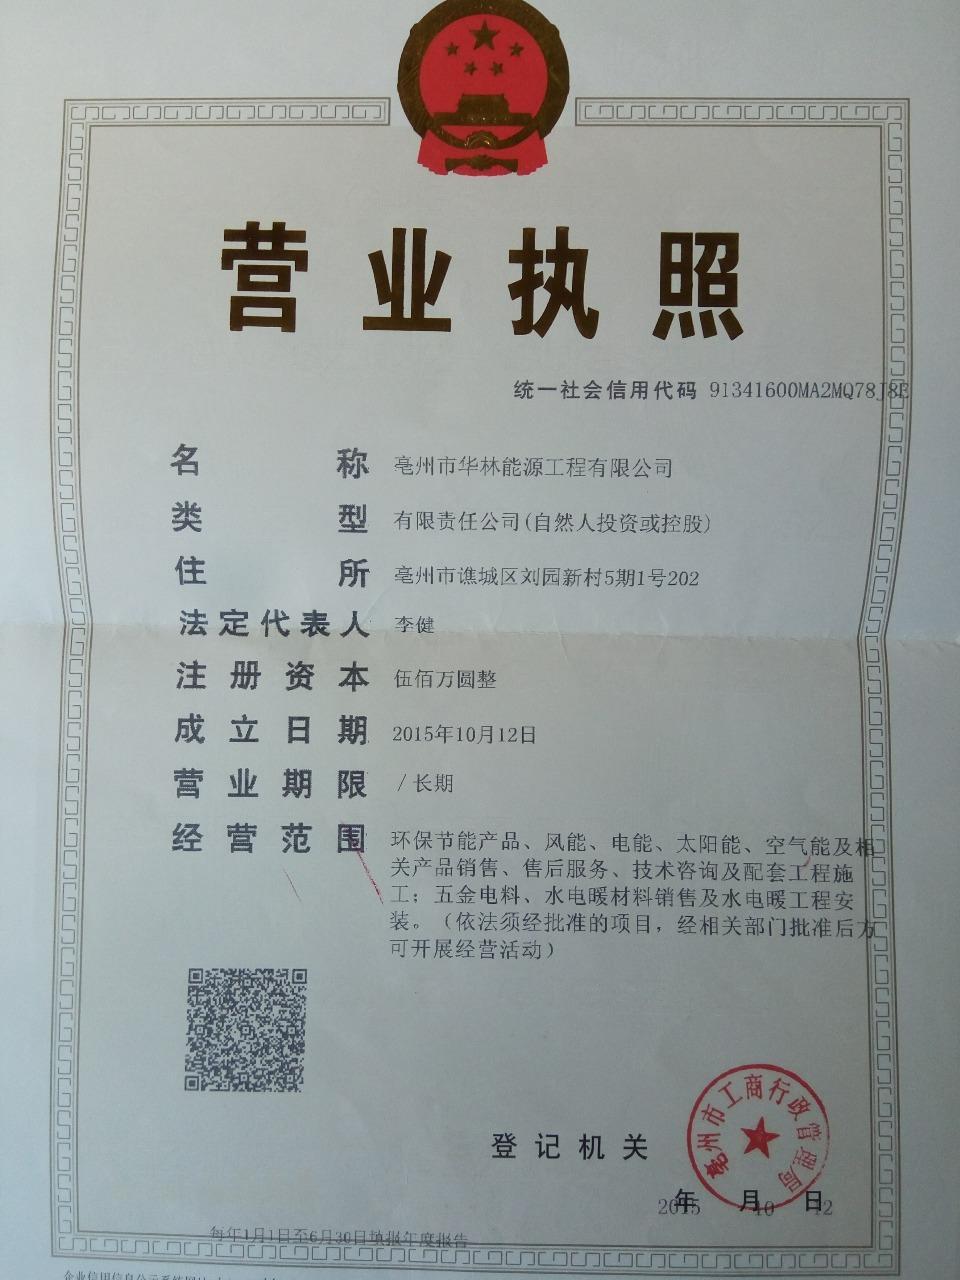 亳州市华林能源工程有限公司